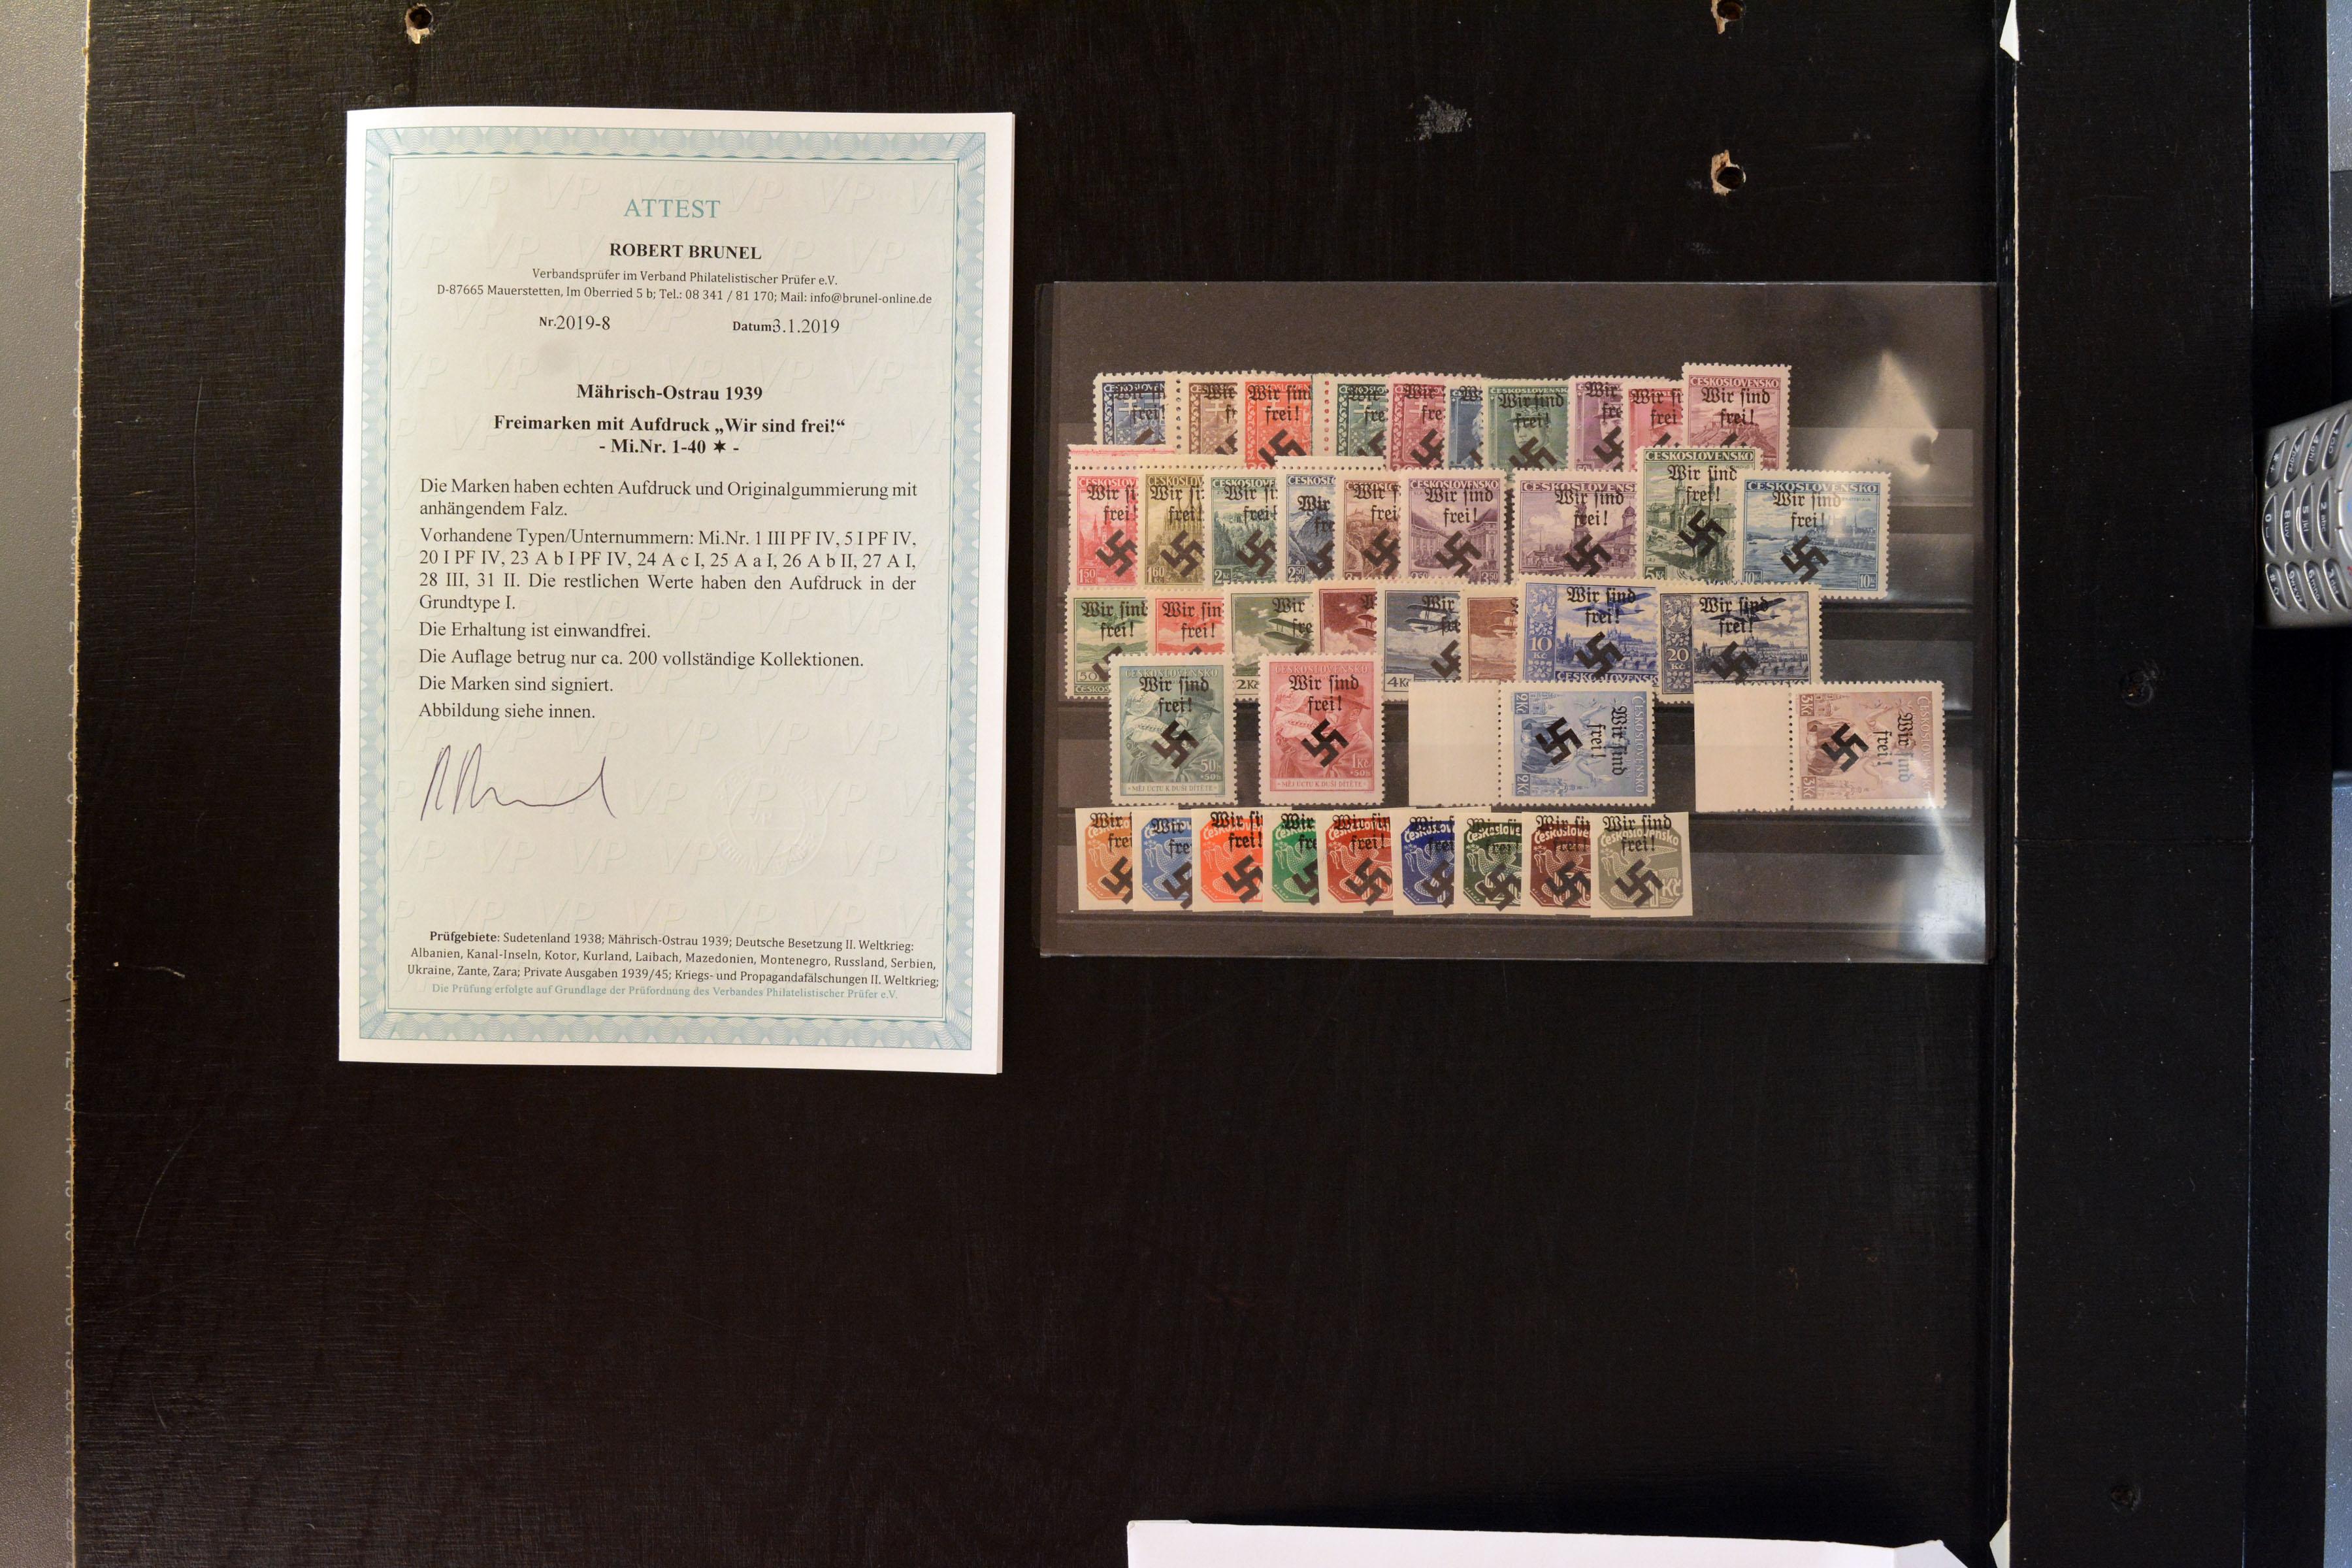 Lot 4957 - bohemia and moravia mährisch-ostrau -  Heinrich Koehler Auktionen Auction #368- Day 3